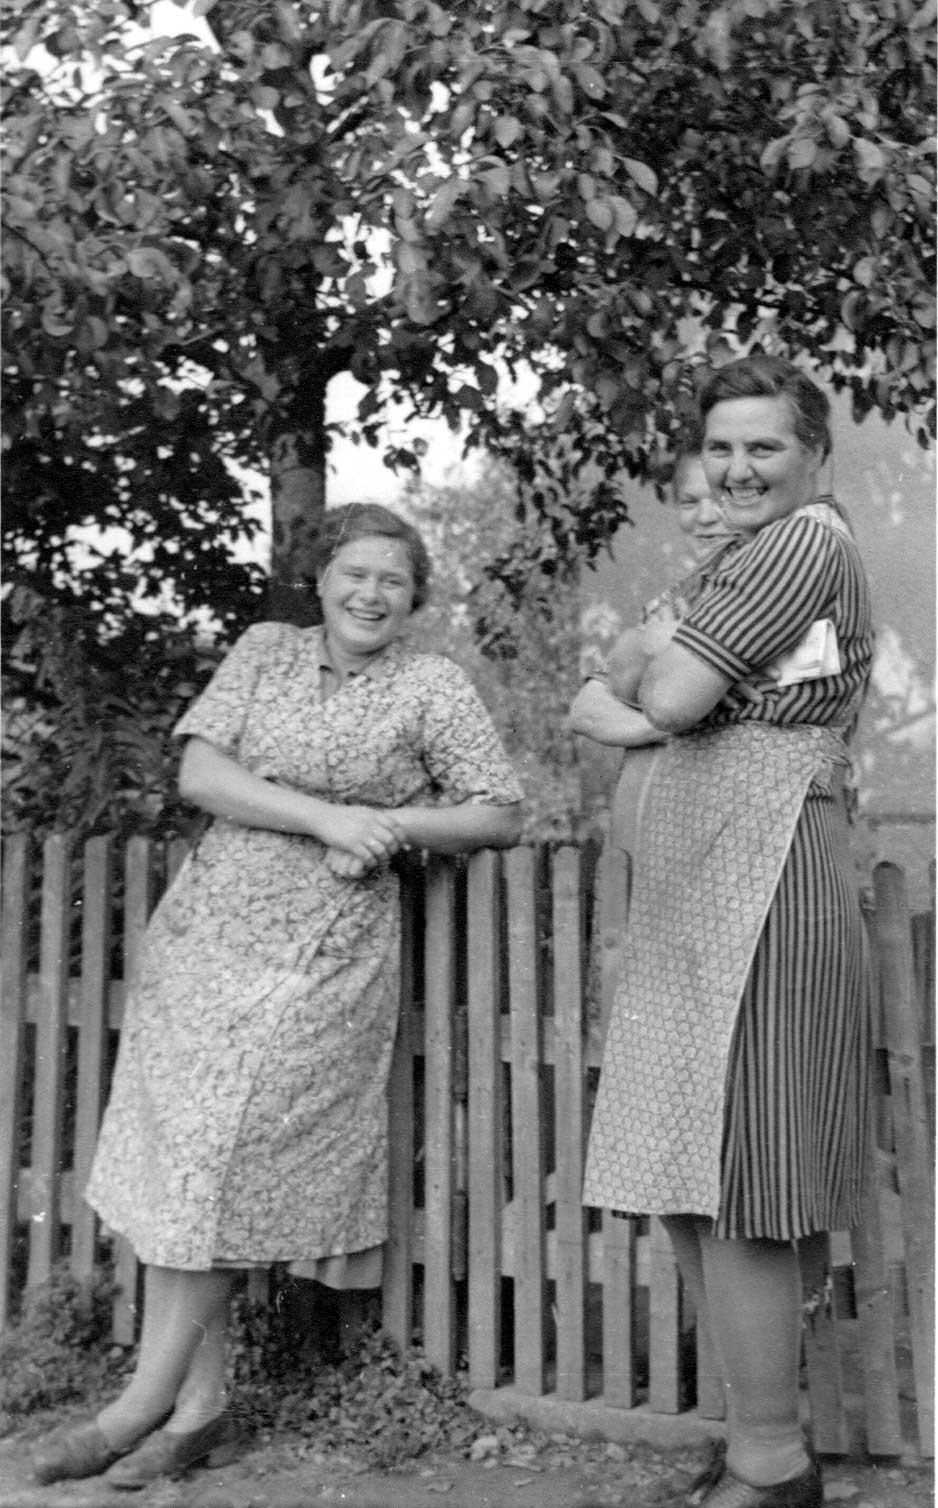 Ruhepause am Gartenzaun oder die Ruhe vor dem Sturm / Mitte der 1950 Jahre trugen die Frauen bei der Hausarbeit noch durchweg Schürzen oder Kittelschürzen. Drei gestandene Hausfrauen, Thea Kemper, Thea Schöne und dahinter Frau Bergmann haben sich zu einem kurzen Plausch am Zaun vor dem Haus bei Schmidt Holtknecht an der St.- Georg - Straße getroffen. Das Mittagessen steht schon auf dem Herd - gleich werden die Ehemänner zur Mittagspause kommen.